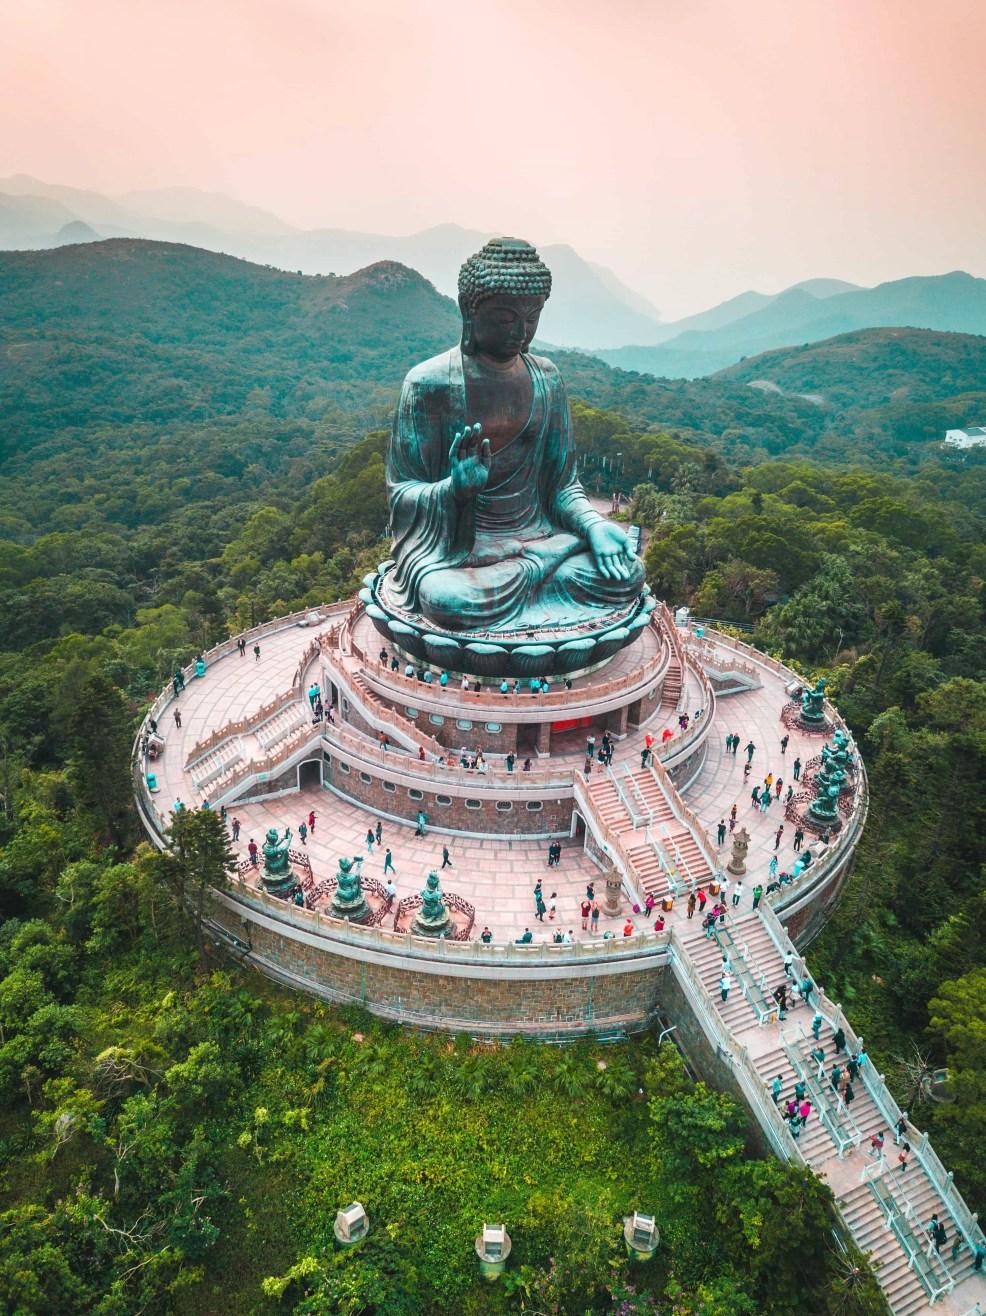 Big Buddha, instagrammable places in Hong Kong, Hong Kong itinerary